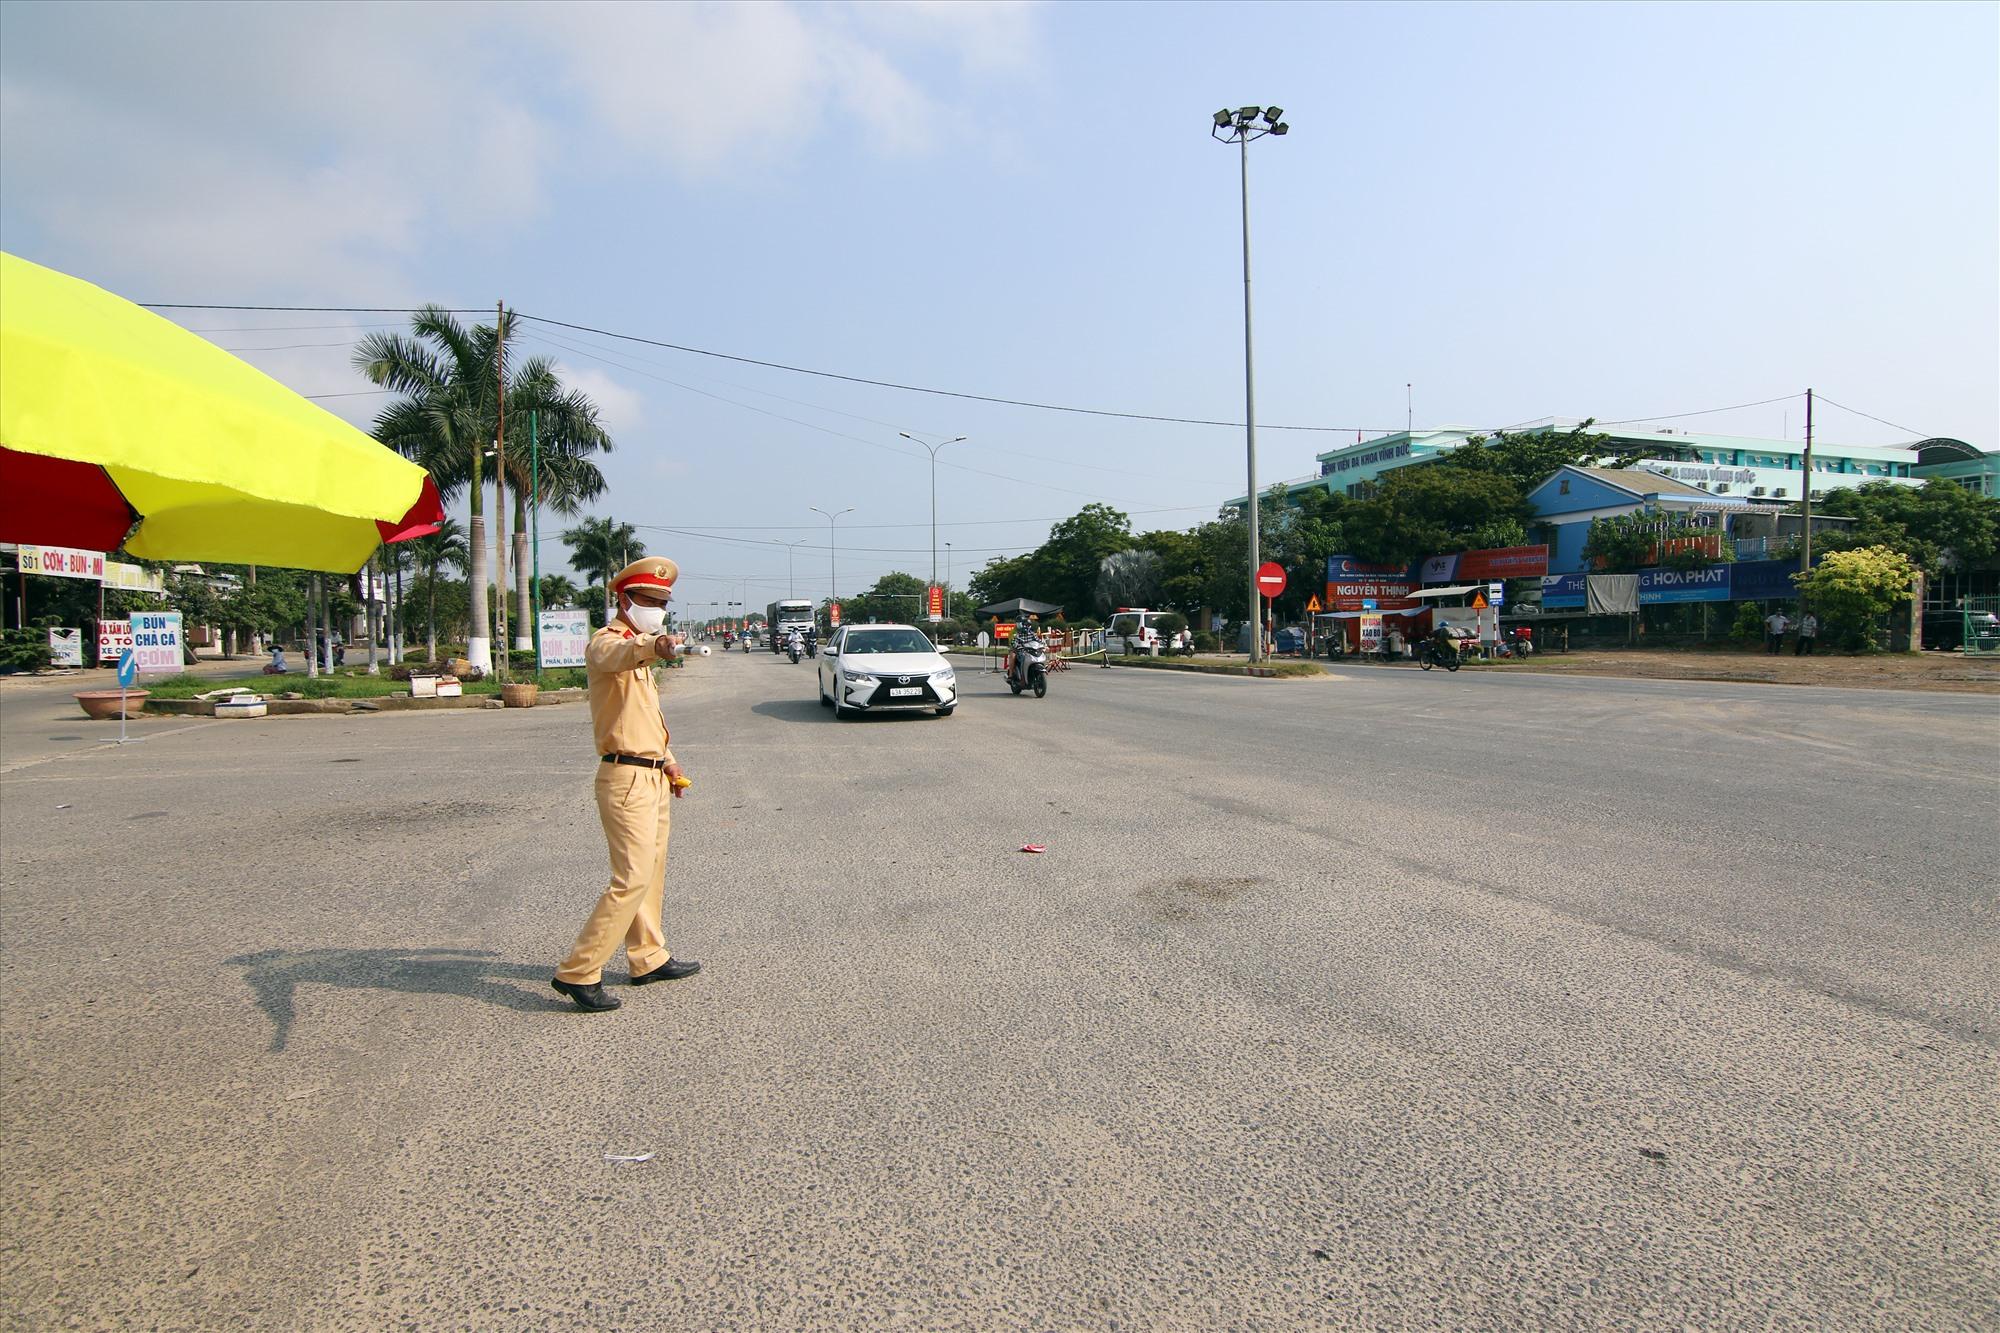 Lực lượng CSGT sẽ tích cực kiểm soát, vừa phòng chống dịch vừa đảm bảo an toàn giao thông trong dịp lễ 30.4, 1.5 năm nay. Ảnh: P.G